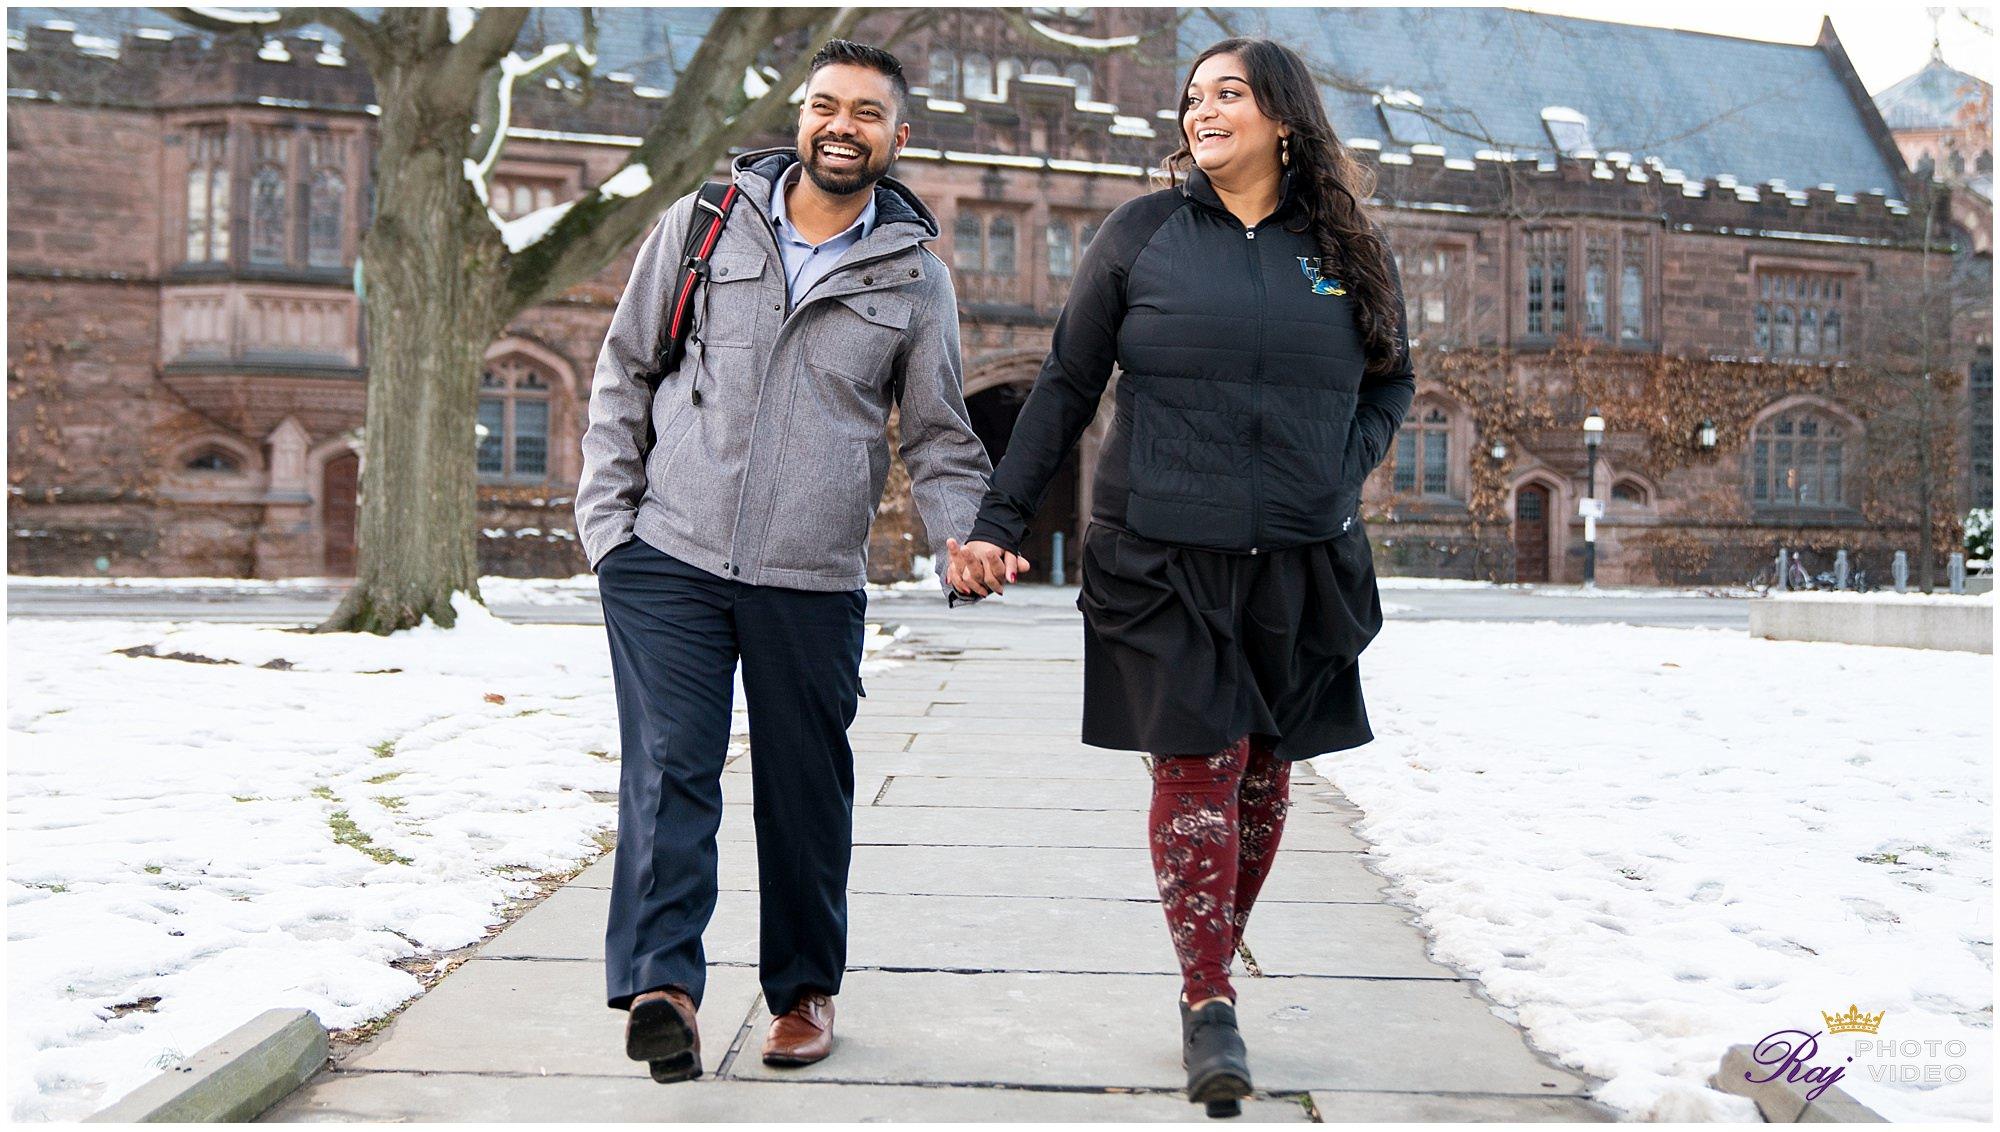 Princeton-University-Princeton-NJ-Engagement-Shoot-Krishna-Ritesh-9_Raj_Photo_Video.jpg